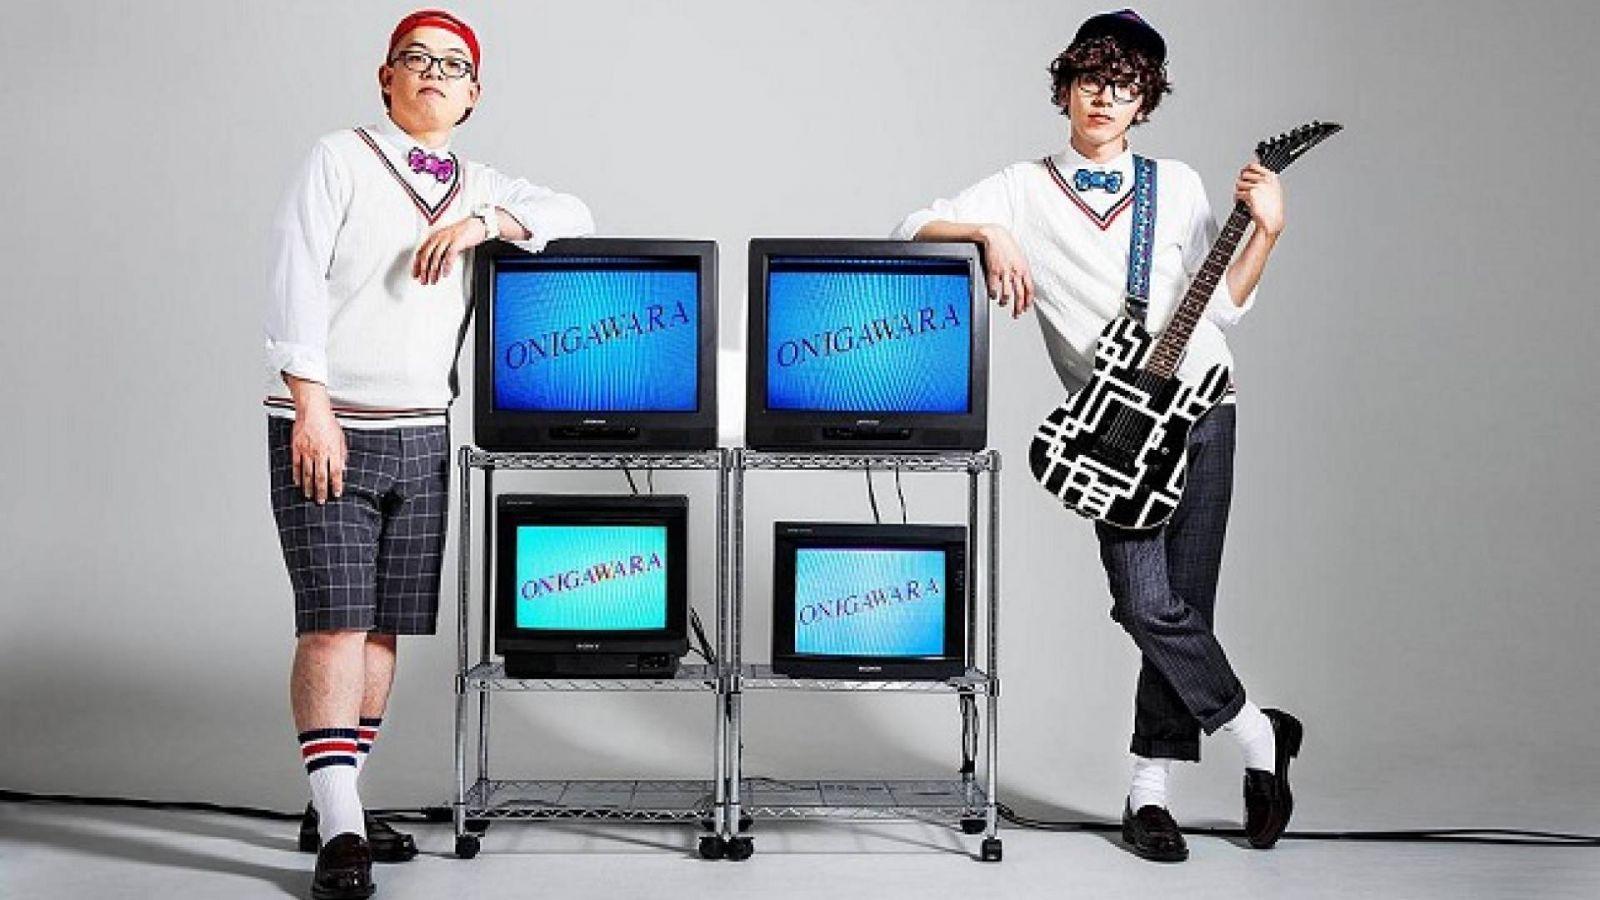 Novo álbum da ONIGAWARA © 2015 ONIGAWARA